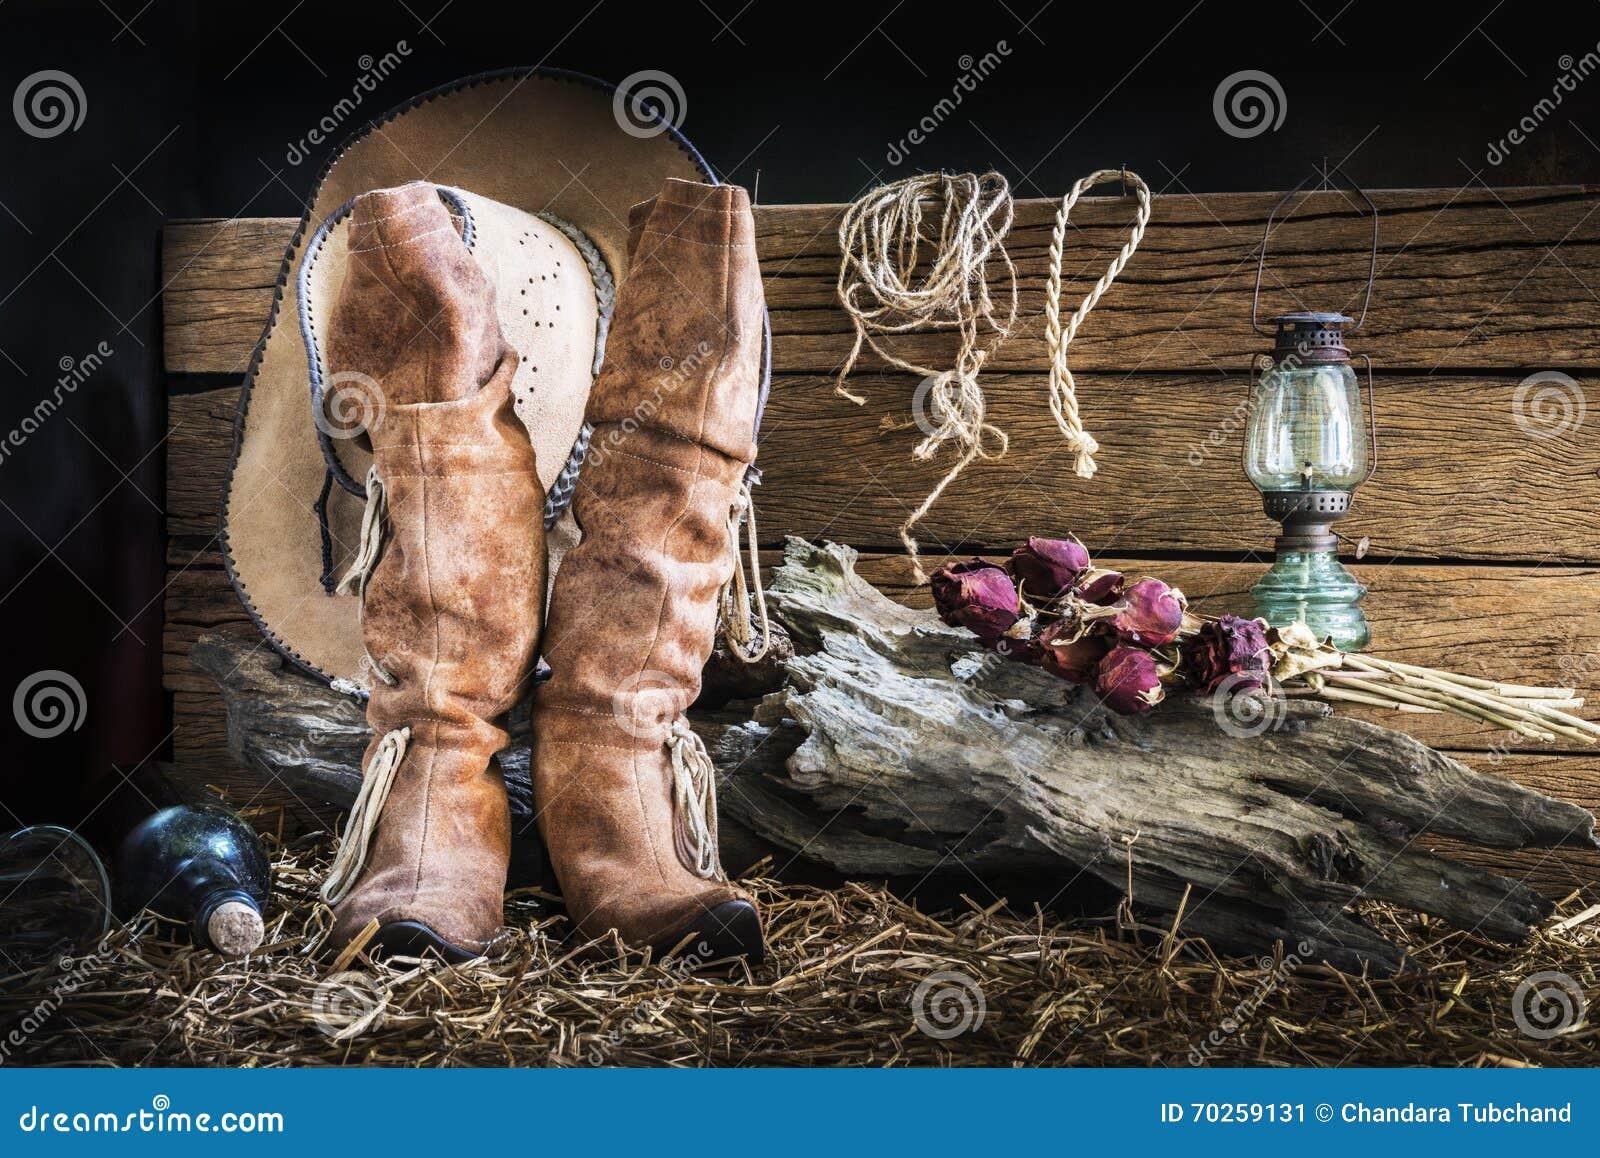 Todavía la fotografía de la vida con marrón del oeste americano del rodeo  sentía el sombrero de vaquero y las botas de cuero tradicionales en fondo  del ... e0eef8e4062